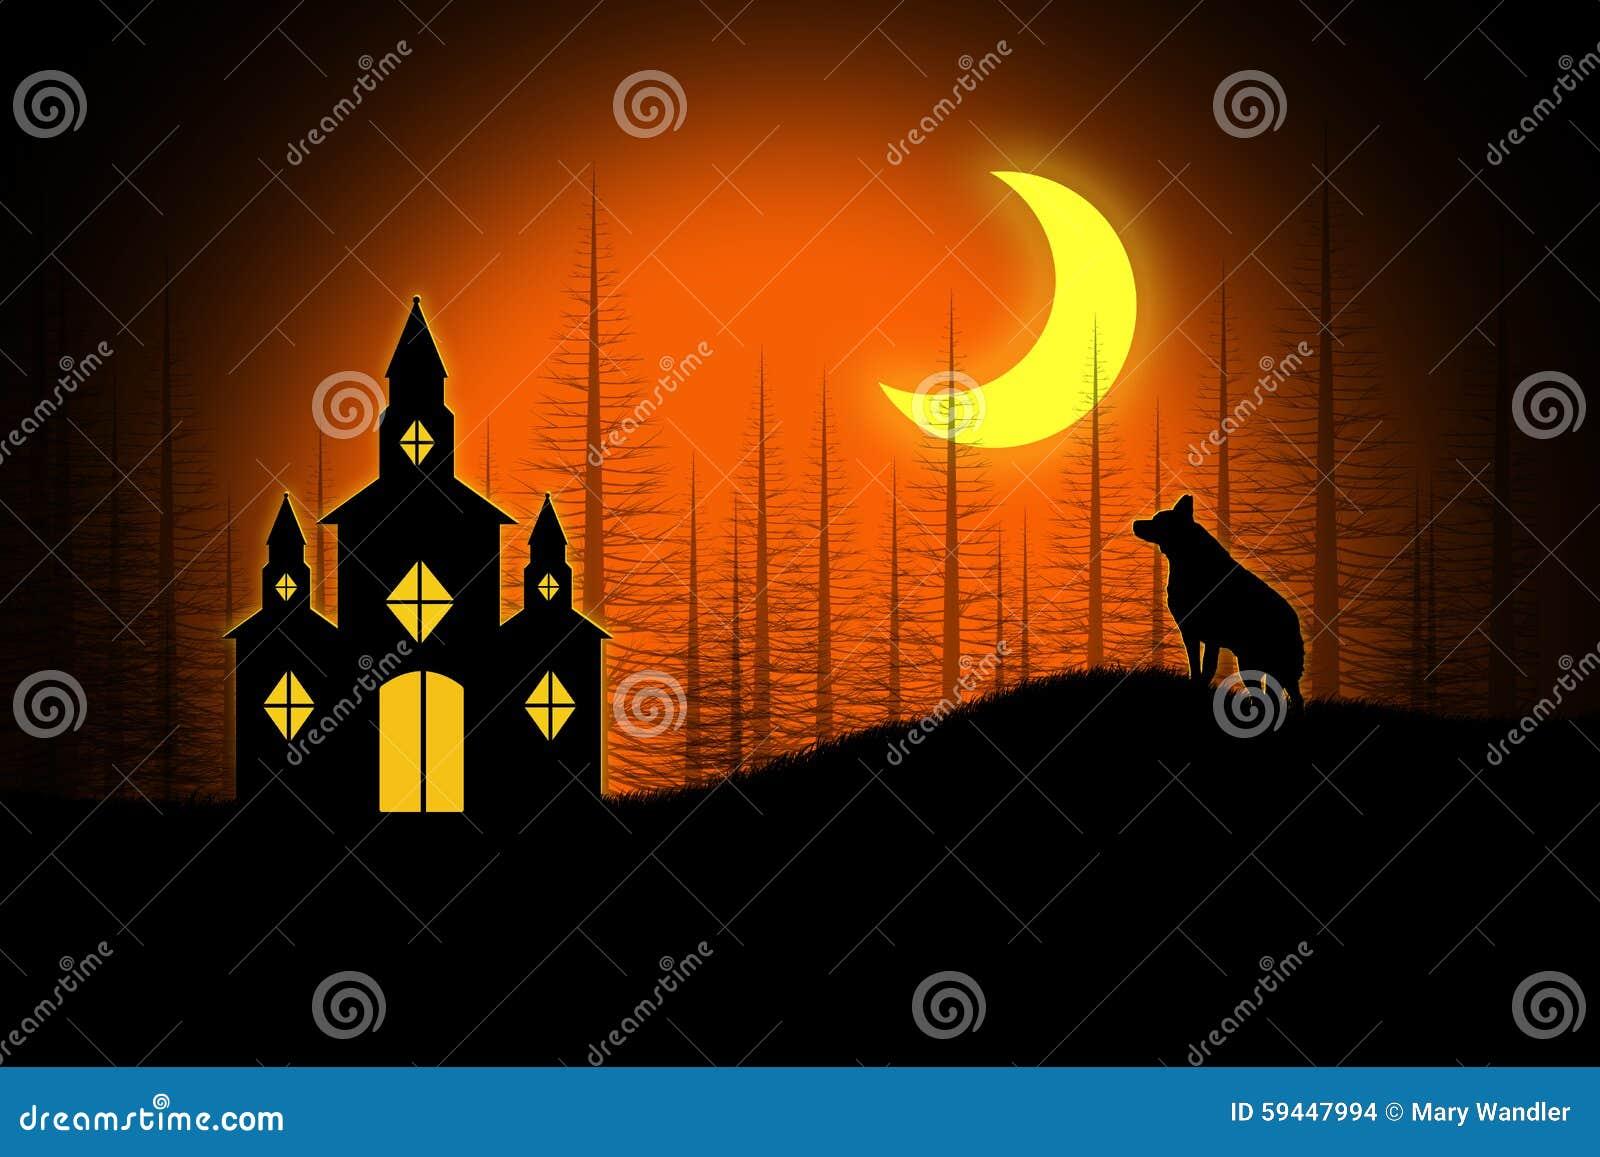 Halloween Chiesa.Spooky Halloween Church Stock Illustration Illustration Of Clipart